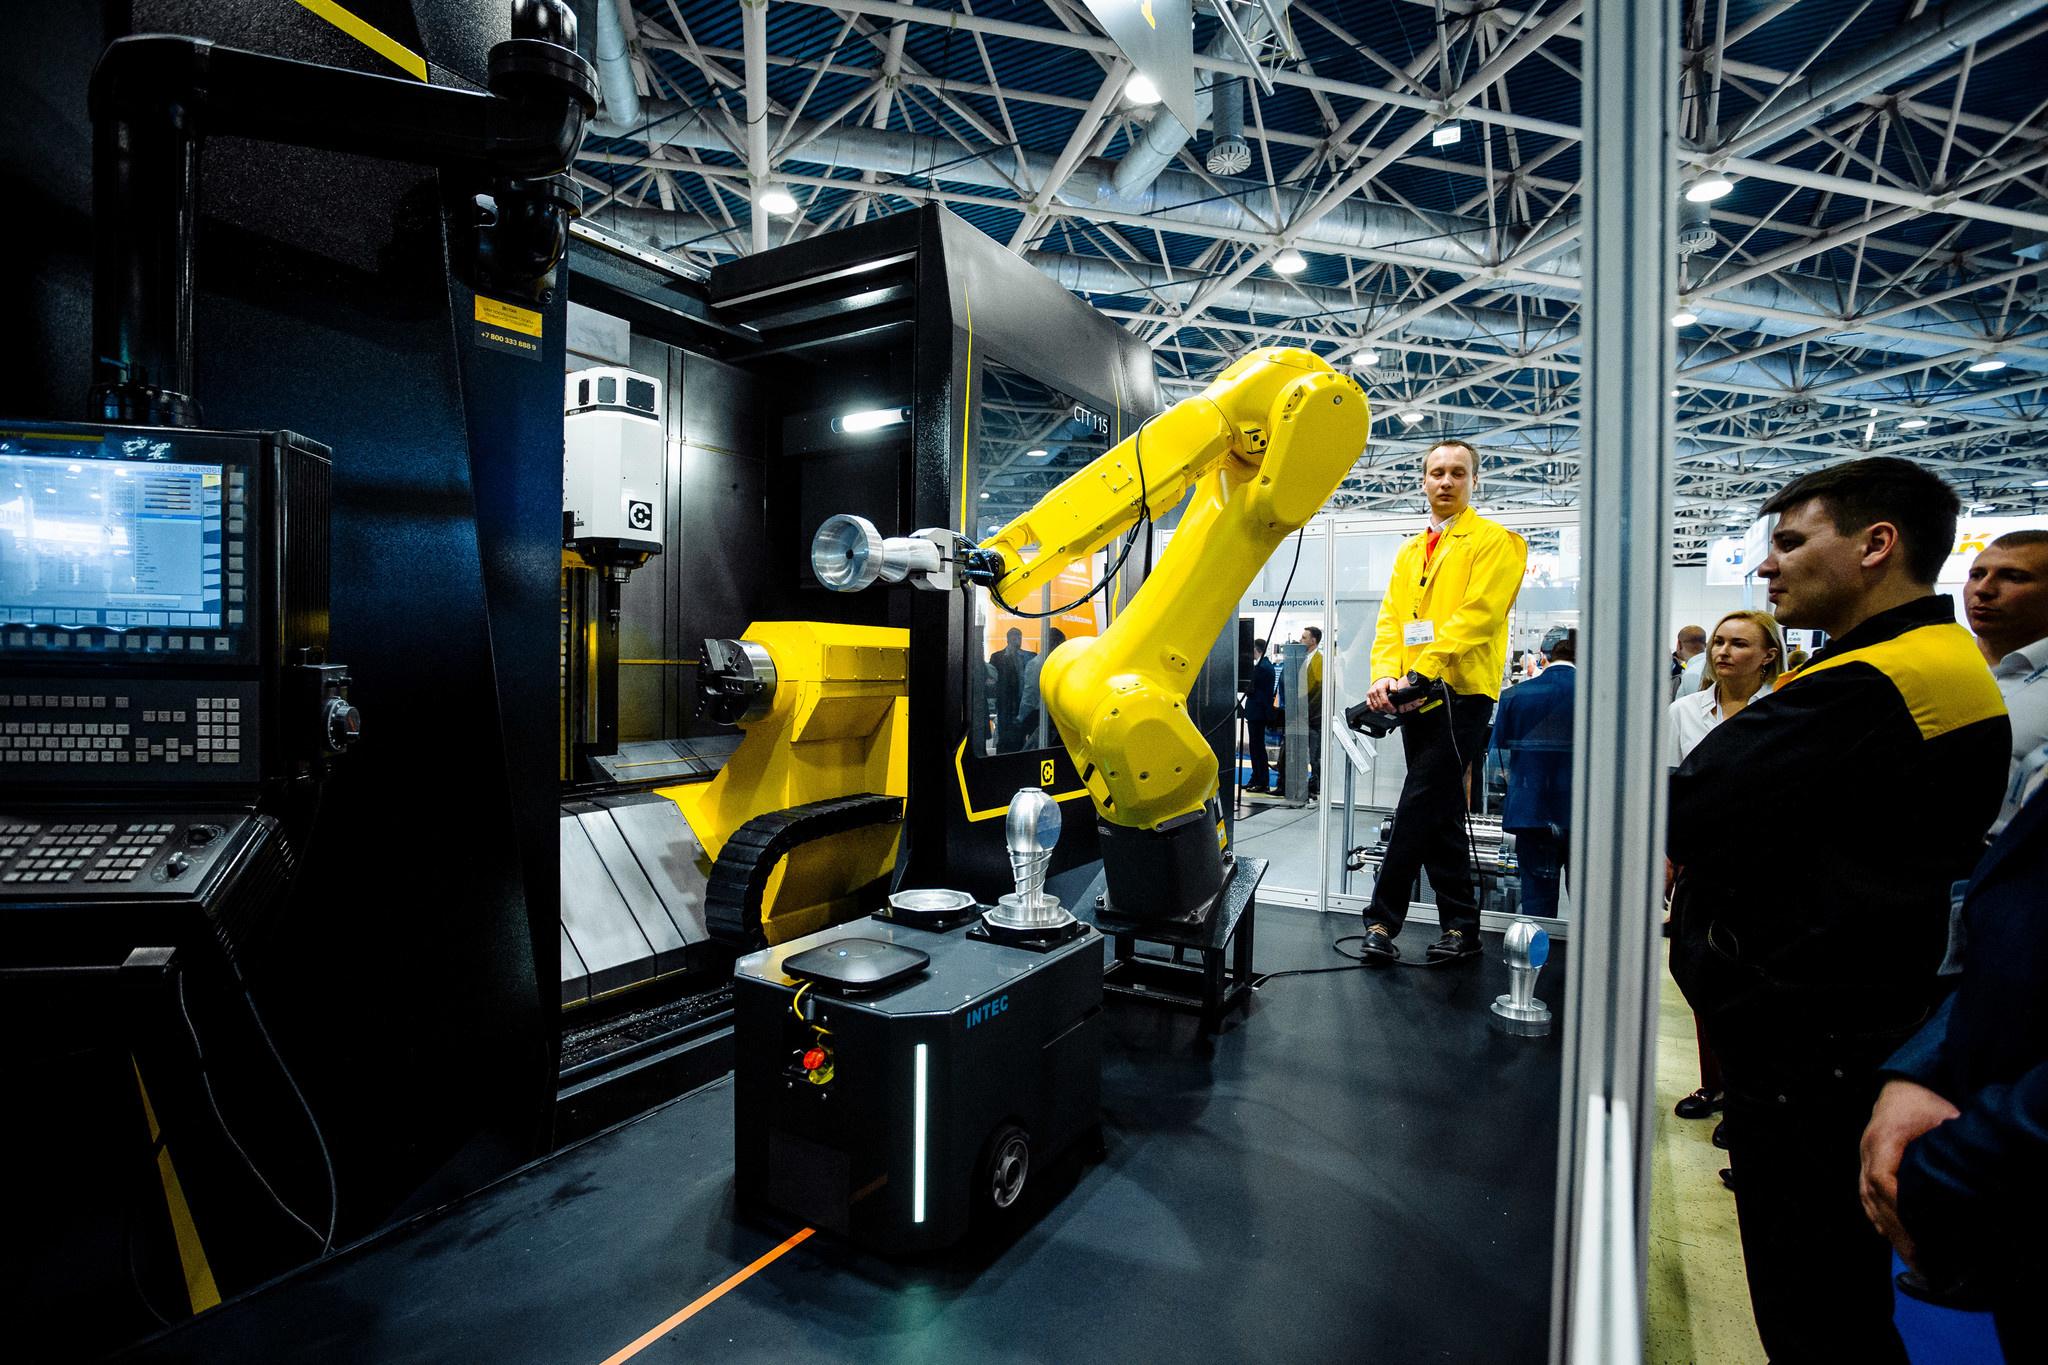 Успехи цифровизации: в России придумали, как увеличить эффективность промышленных станков на 30%